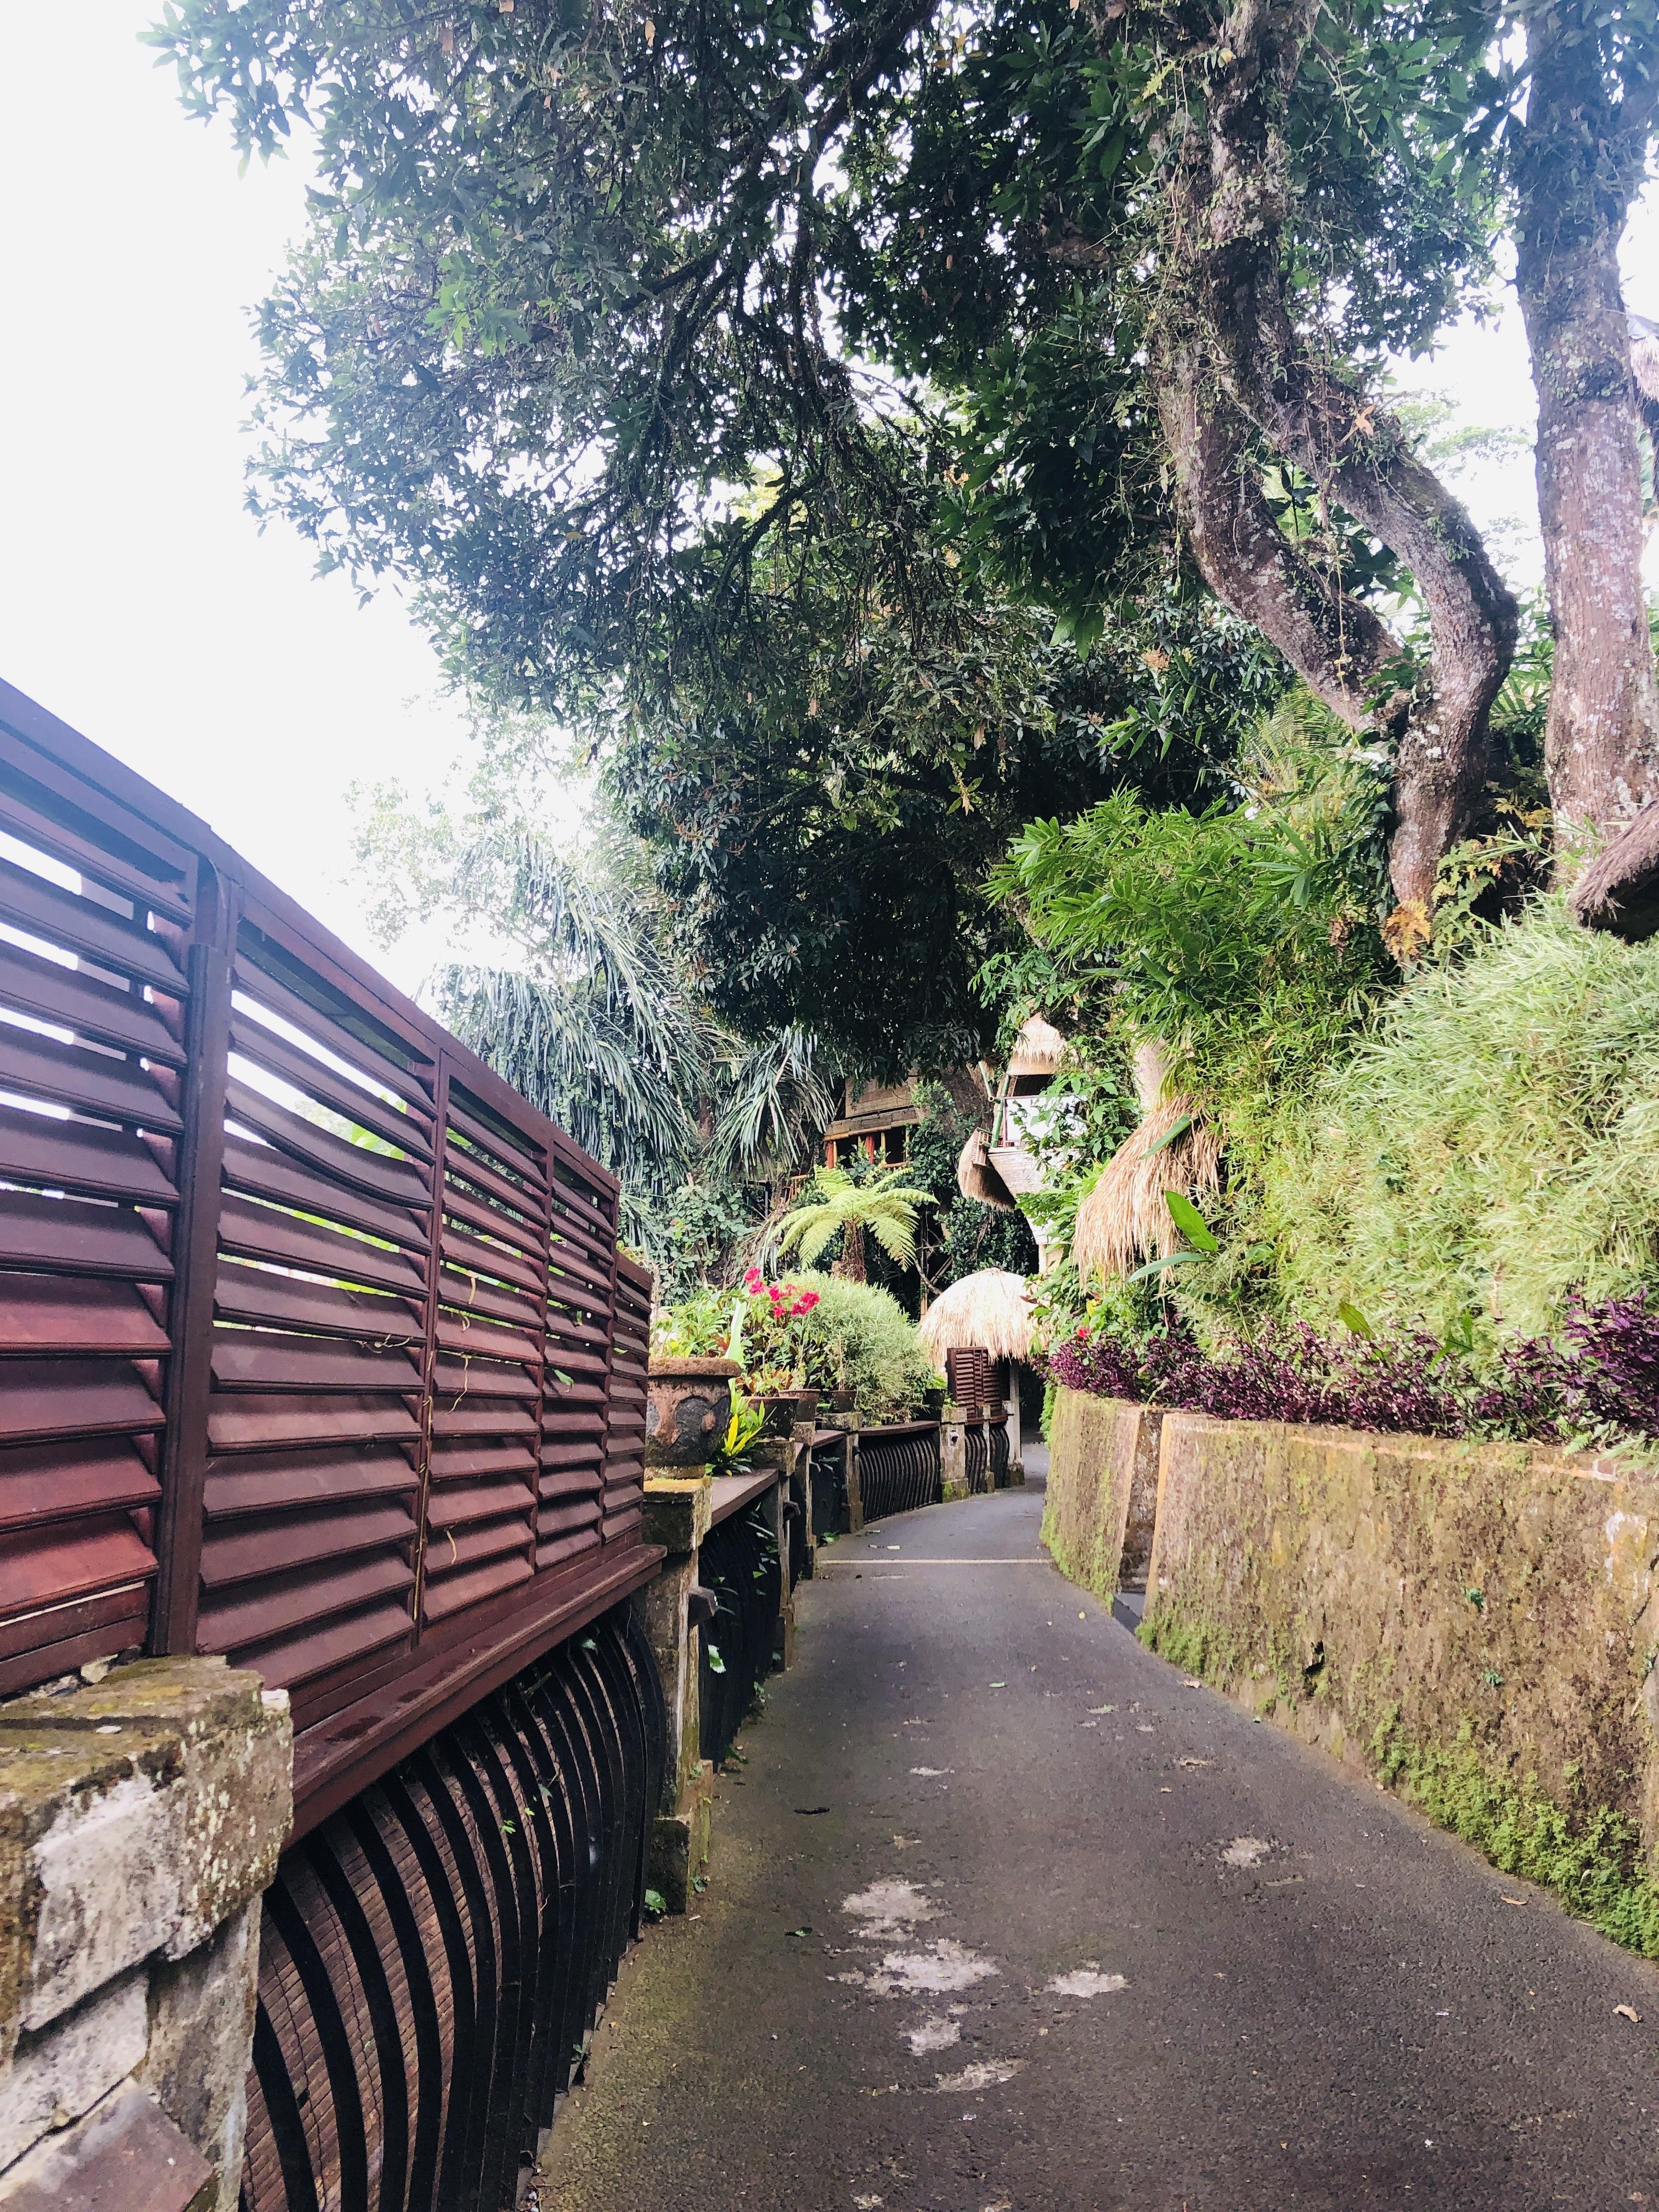 [발리] 우붓 도착! 숙소와 택시이야기 쿠푸쿠푸 바롱 빌라 앤 트리 스파 KUPU KUPU BARONG VILLAS AND TREE SPA